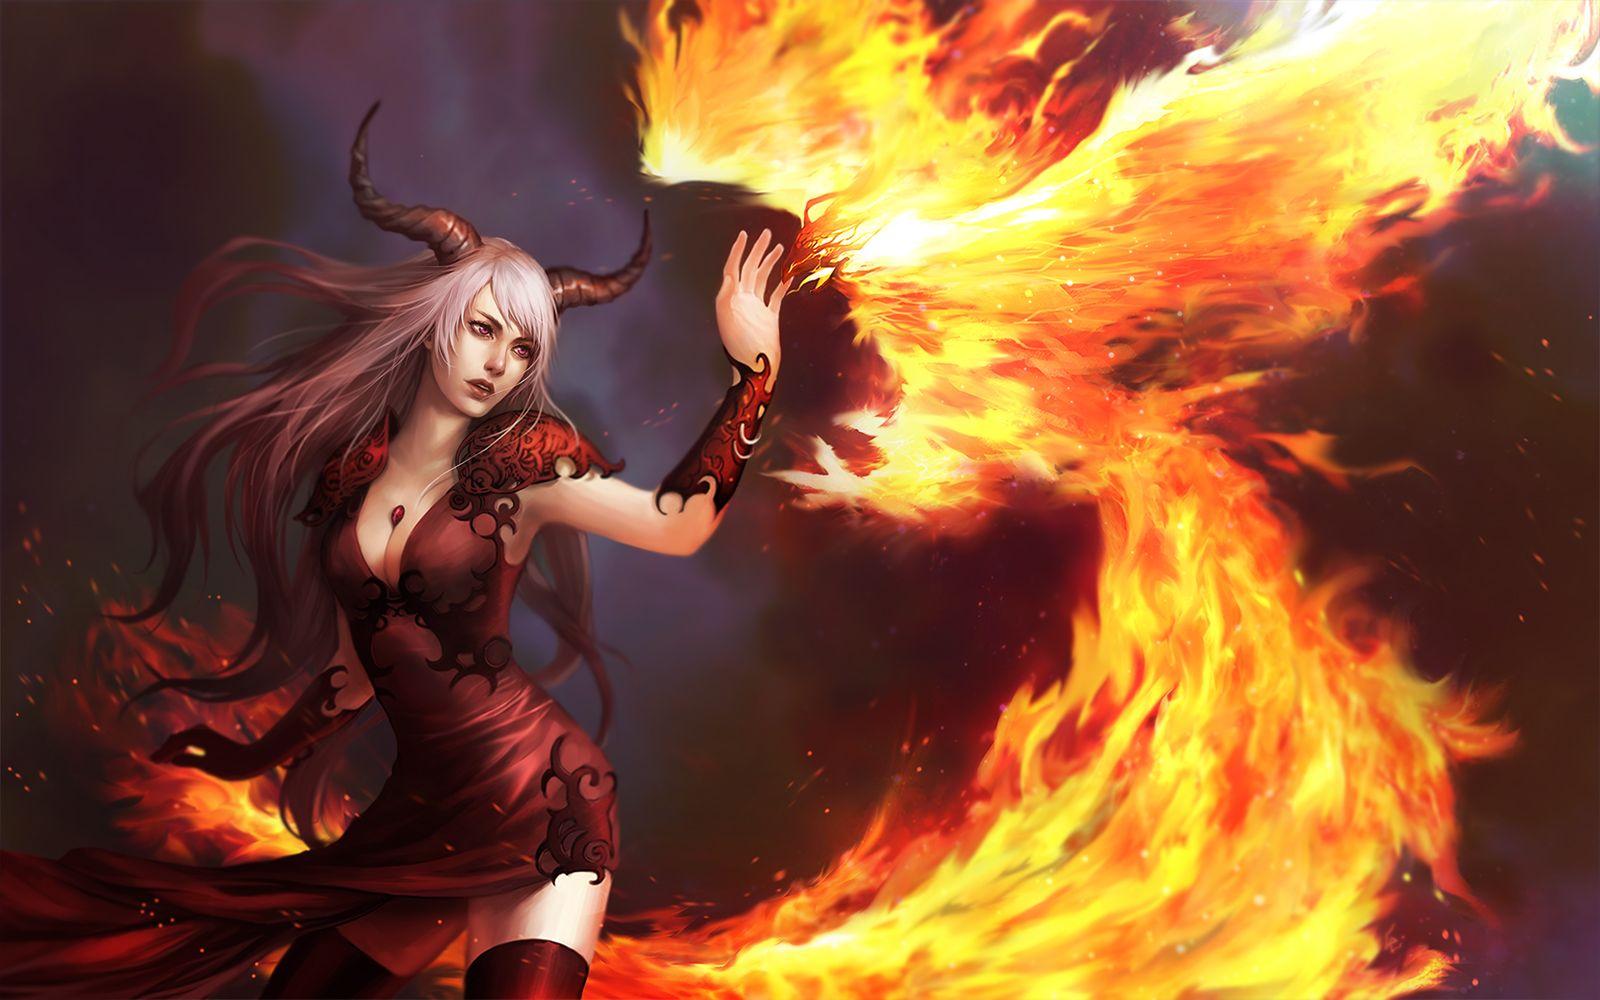 Phoenix_Demoness by Unodu on deviantART